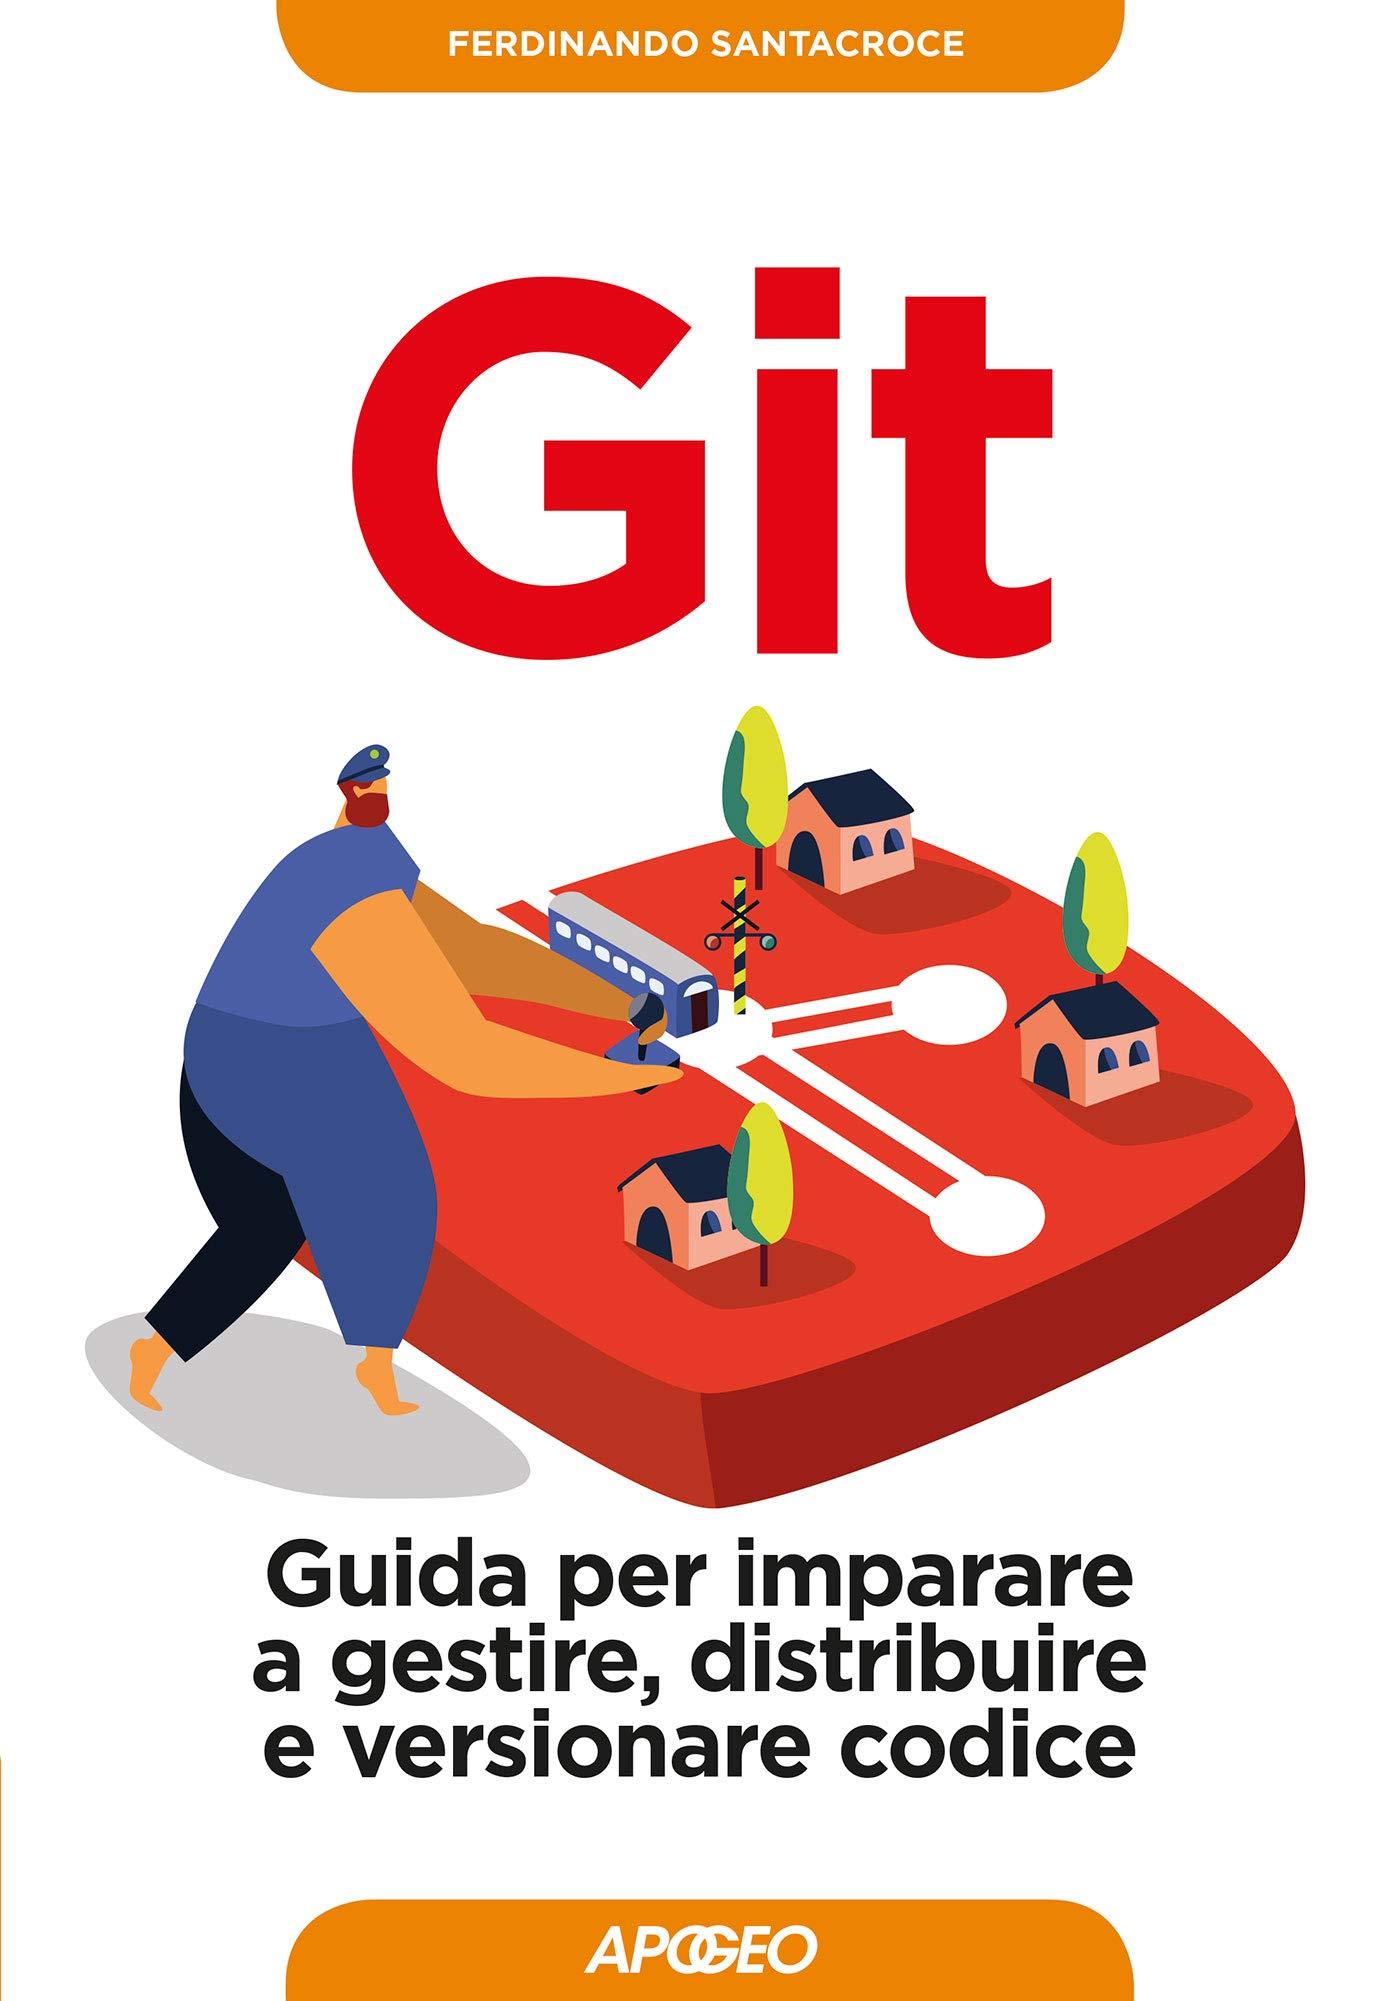 Ferdinando Santacroce - Git. Guida per imparare a gestire, distribuire e versionare codice (2019)